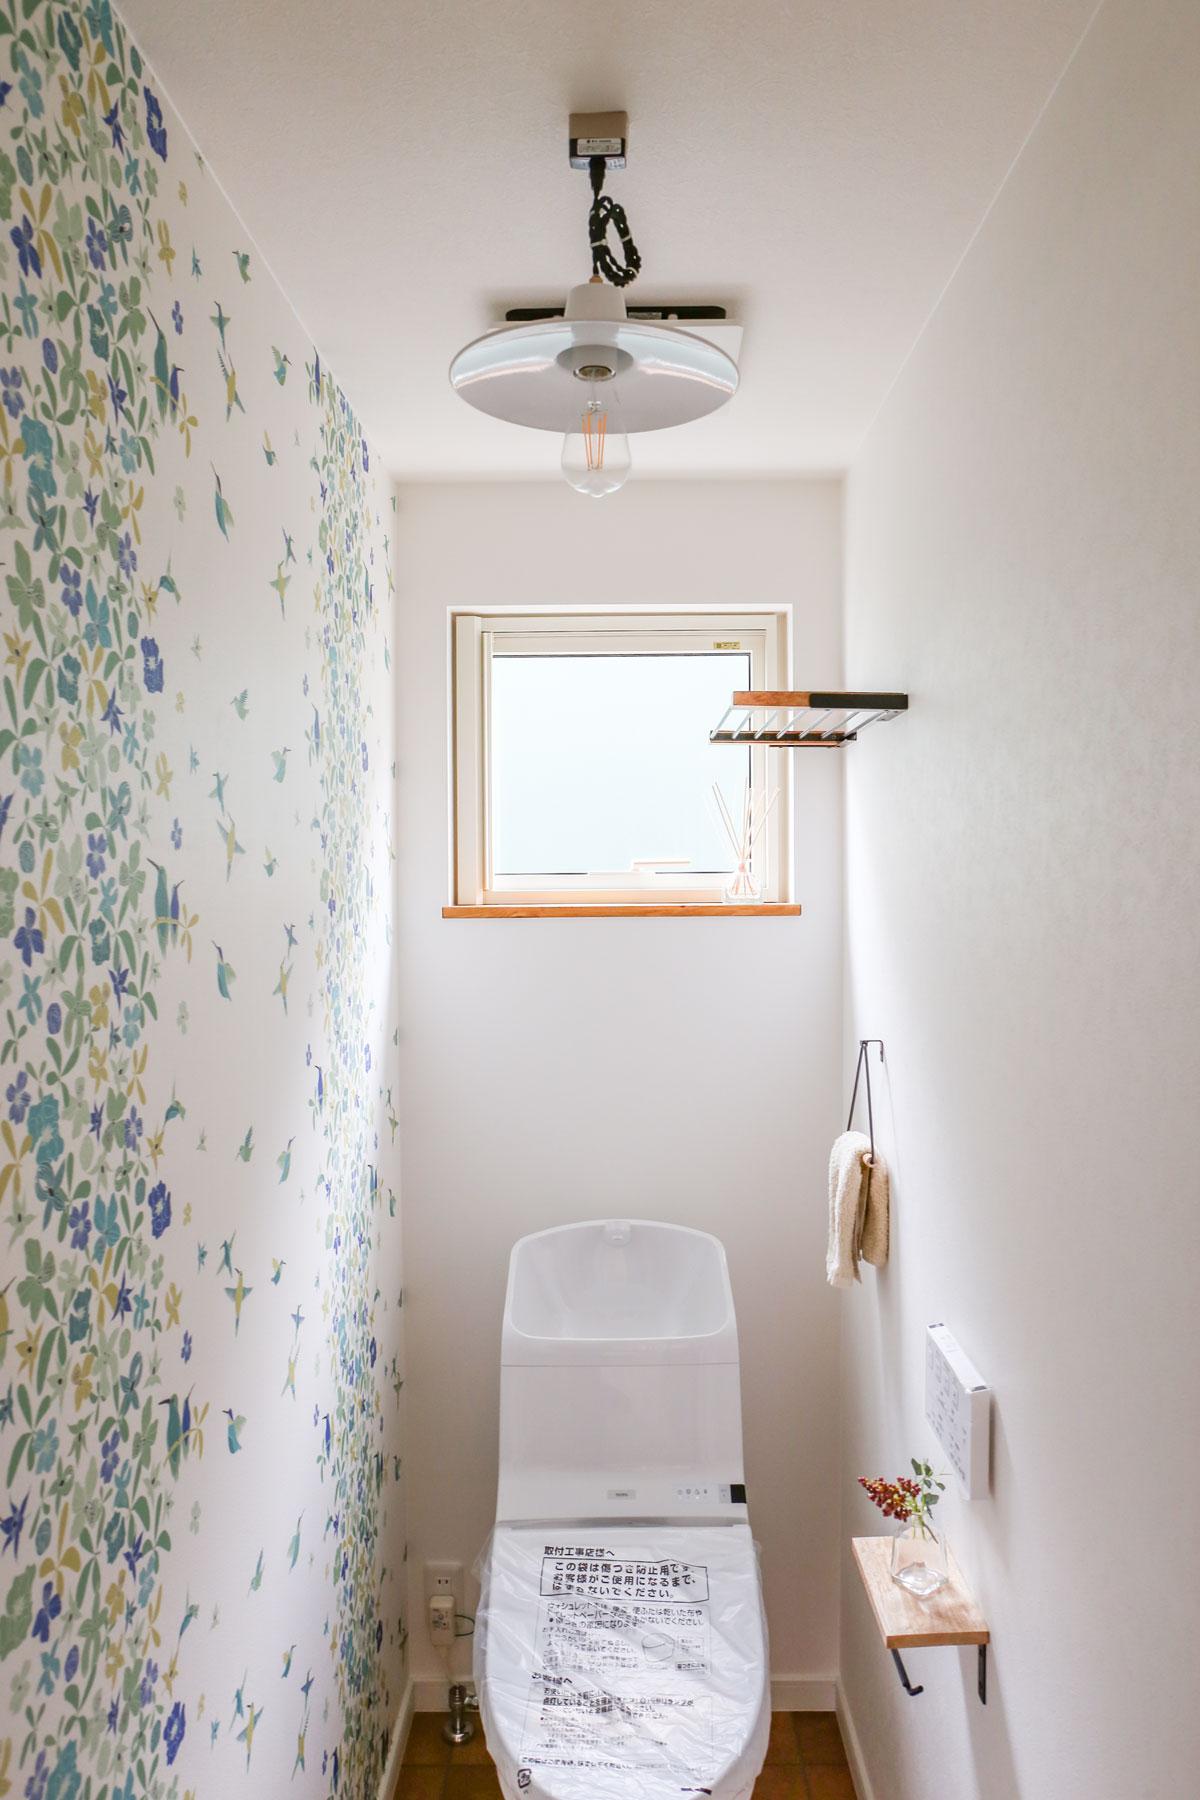 ボタニカルデザインのかわいい壁紙のトイレ